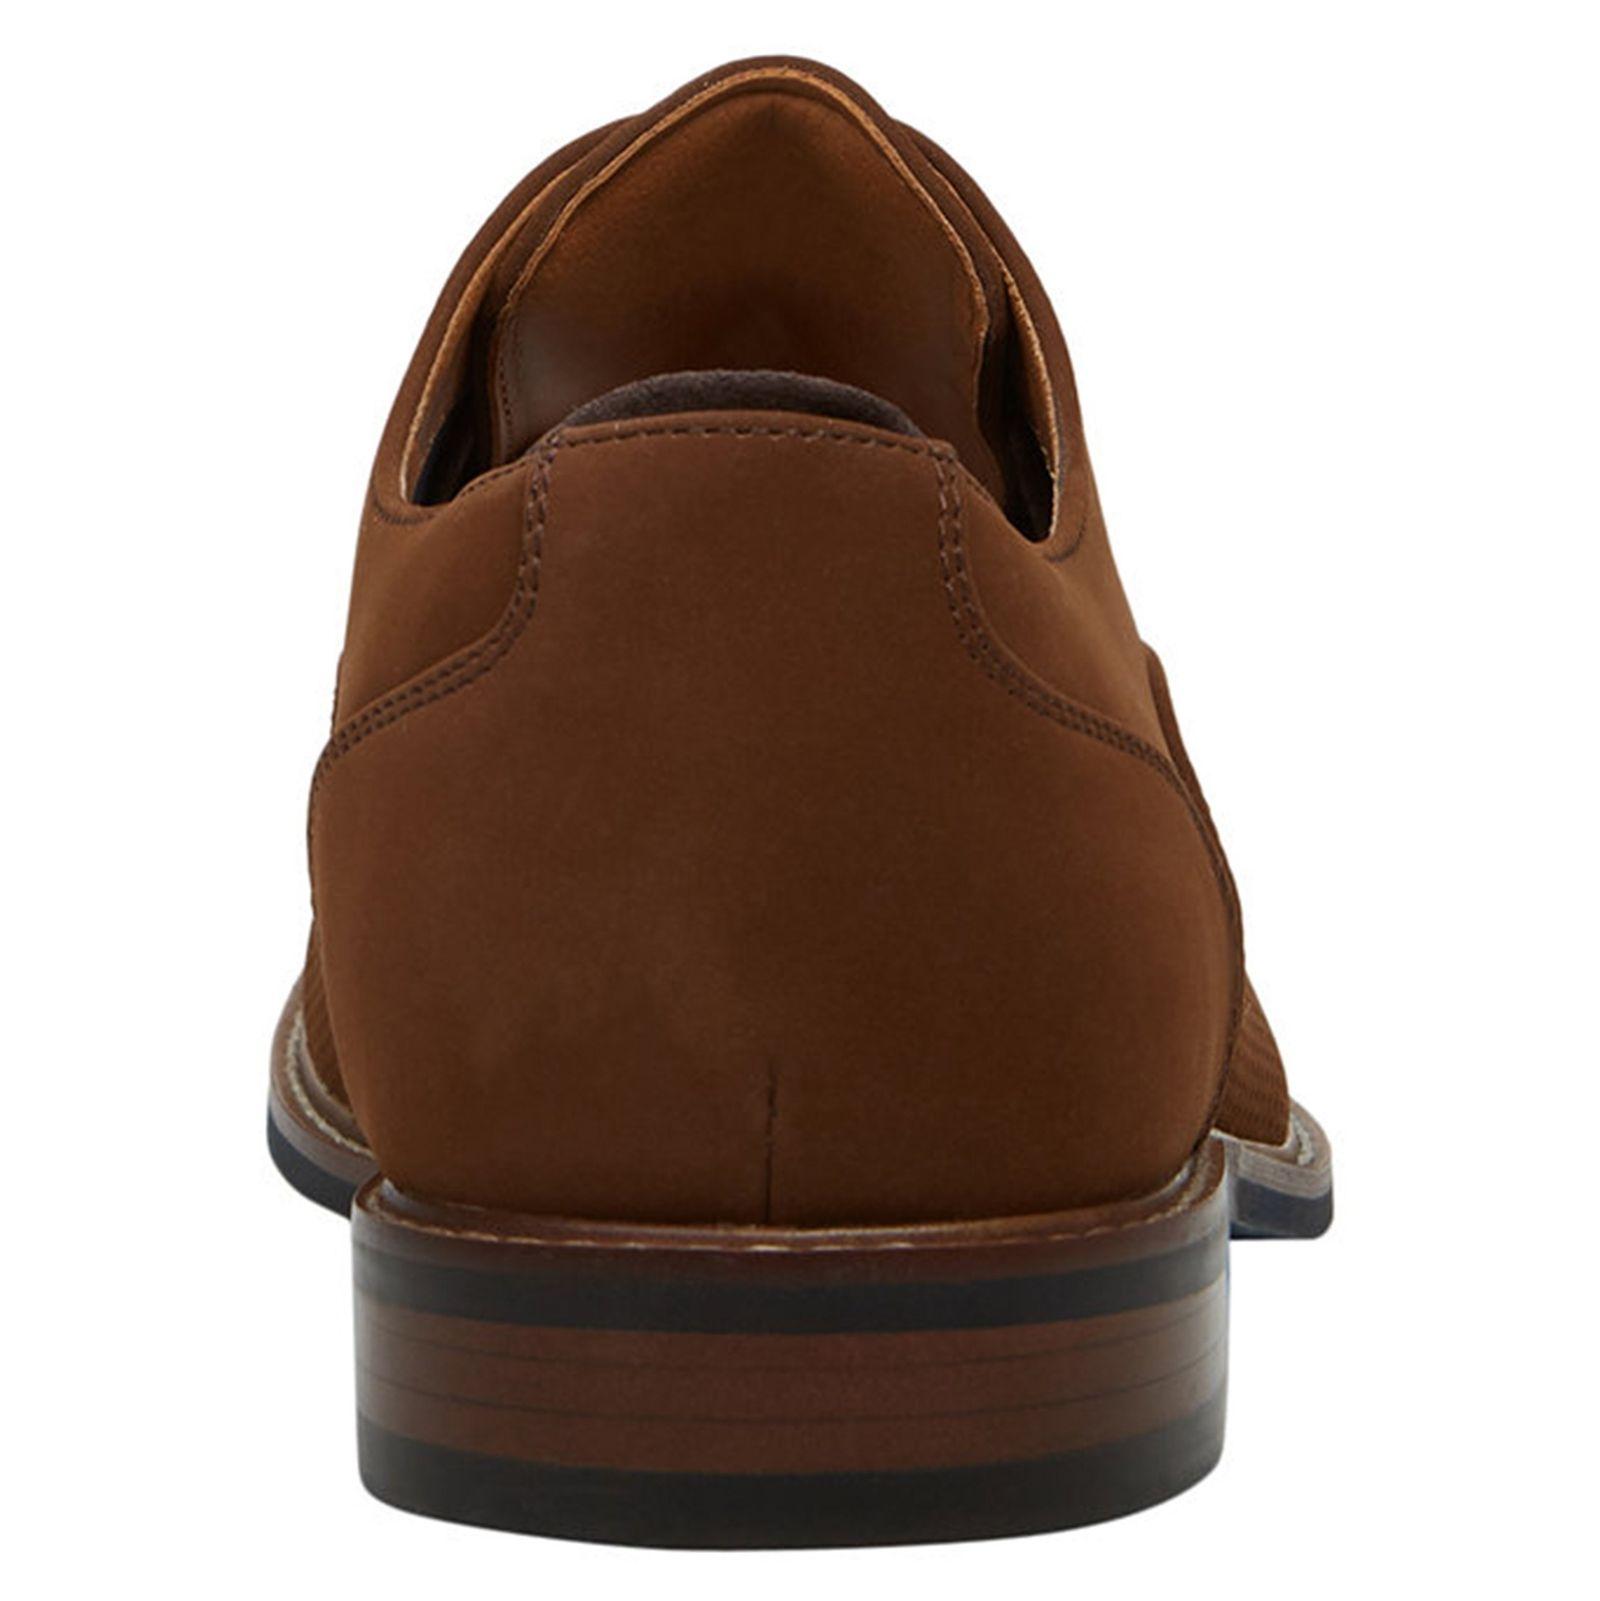 کفش رسمی مردانه - کال ایت اسپرینگ - قهوه اي روشن - 3